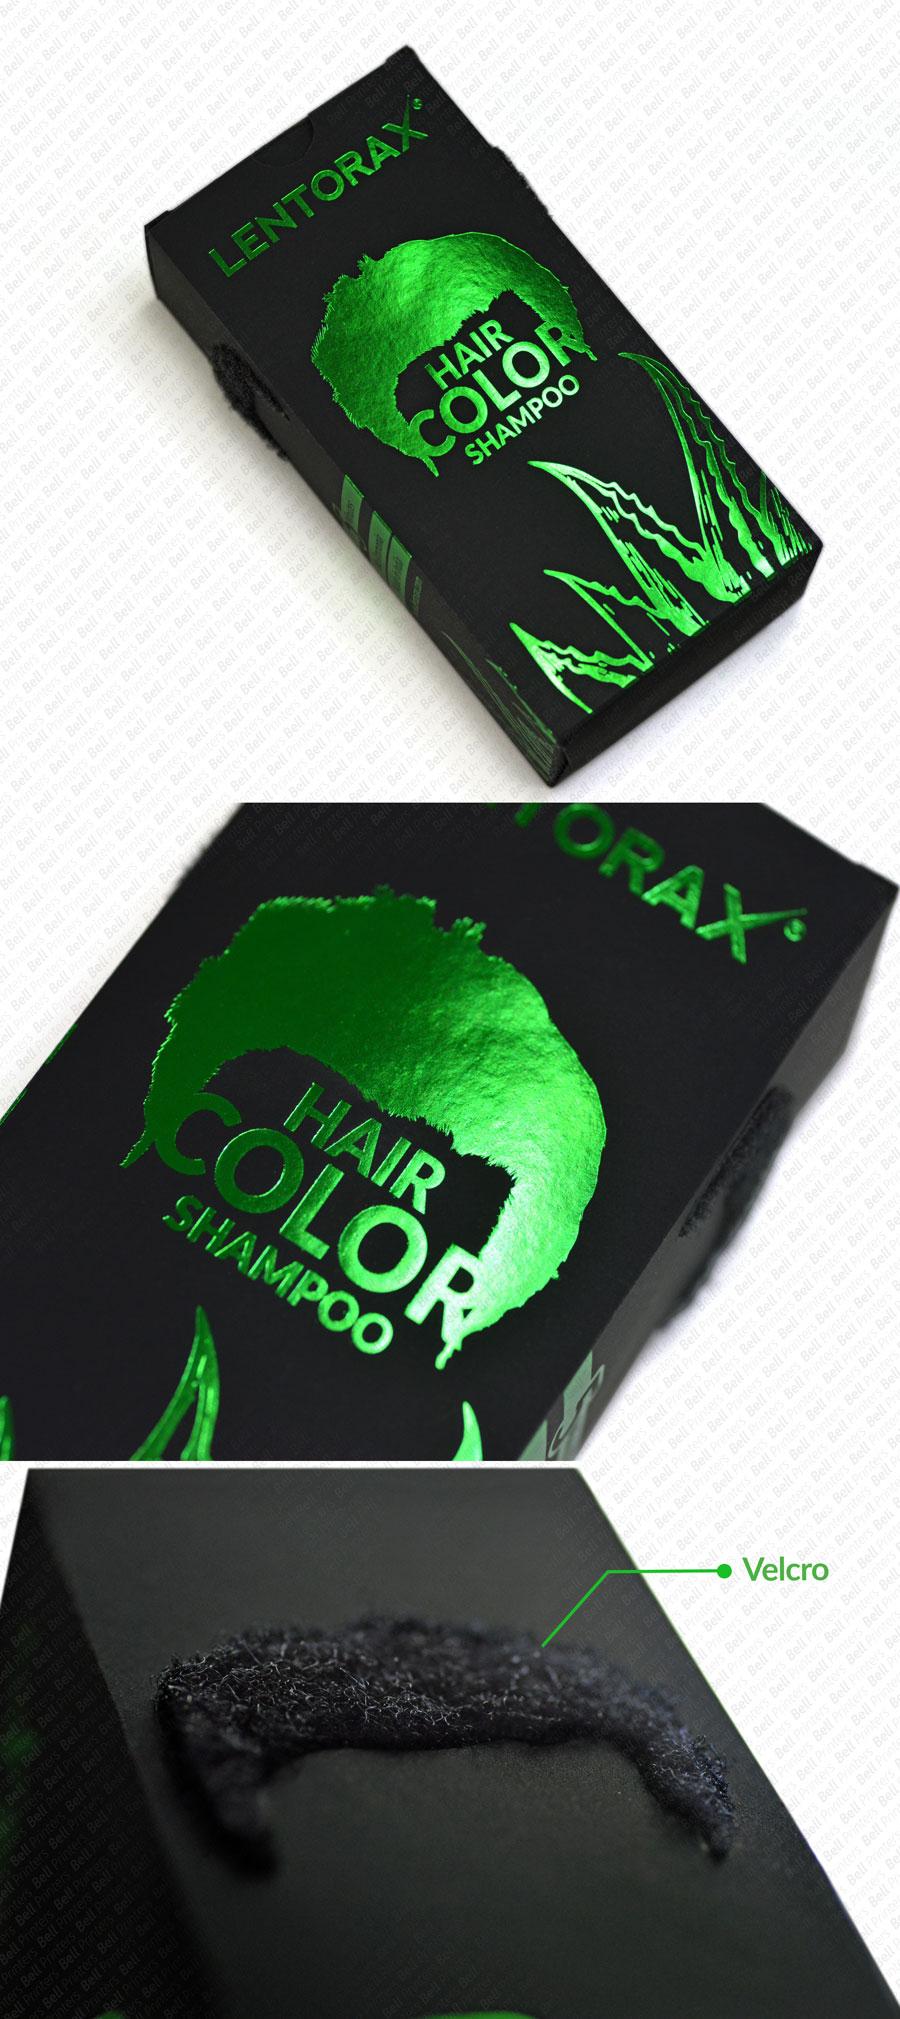 Luxury hair oil Packaging Boxes | beard oil Packaging boxes